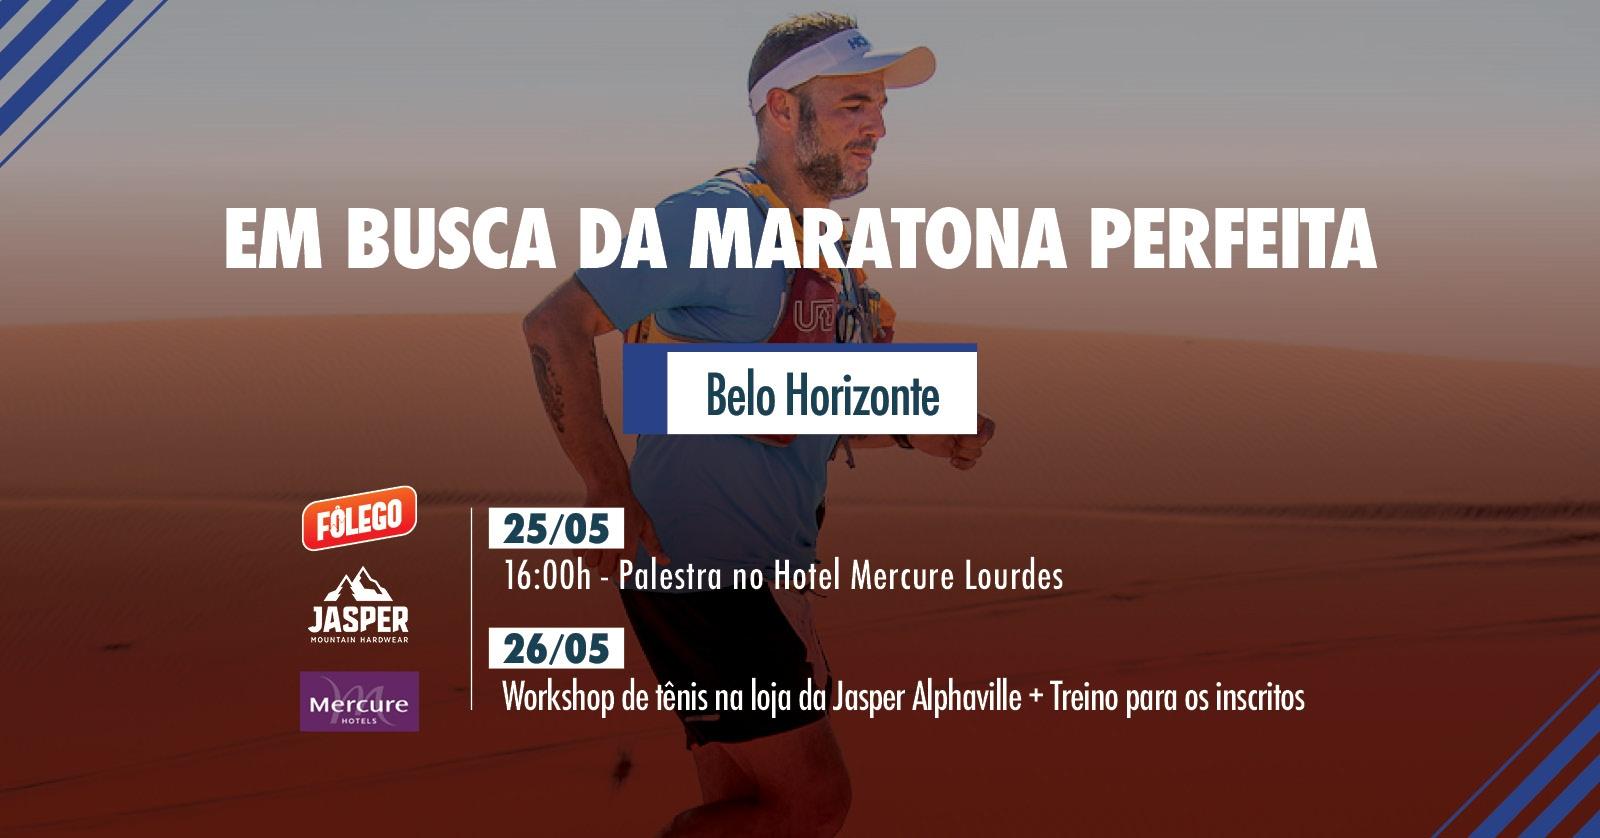 Palestra Em Busca Da Maratona Perfeita Treino Workshop